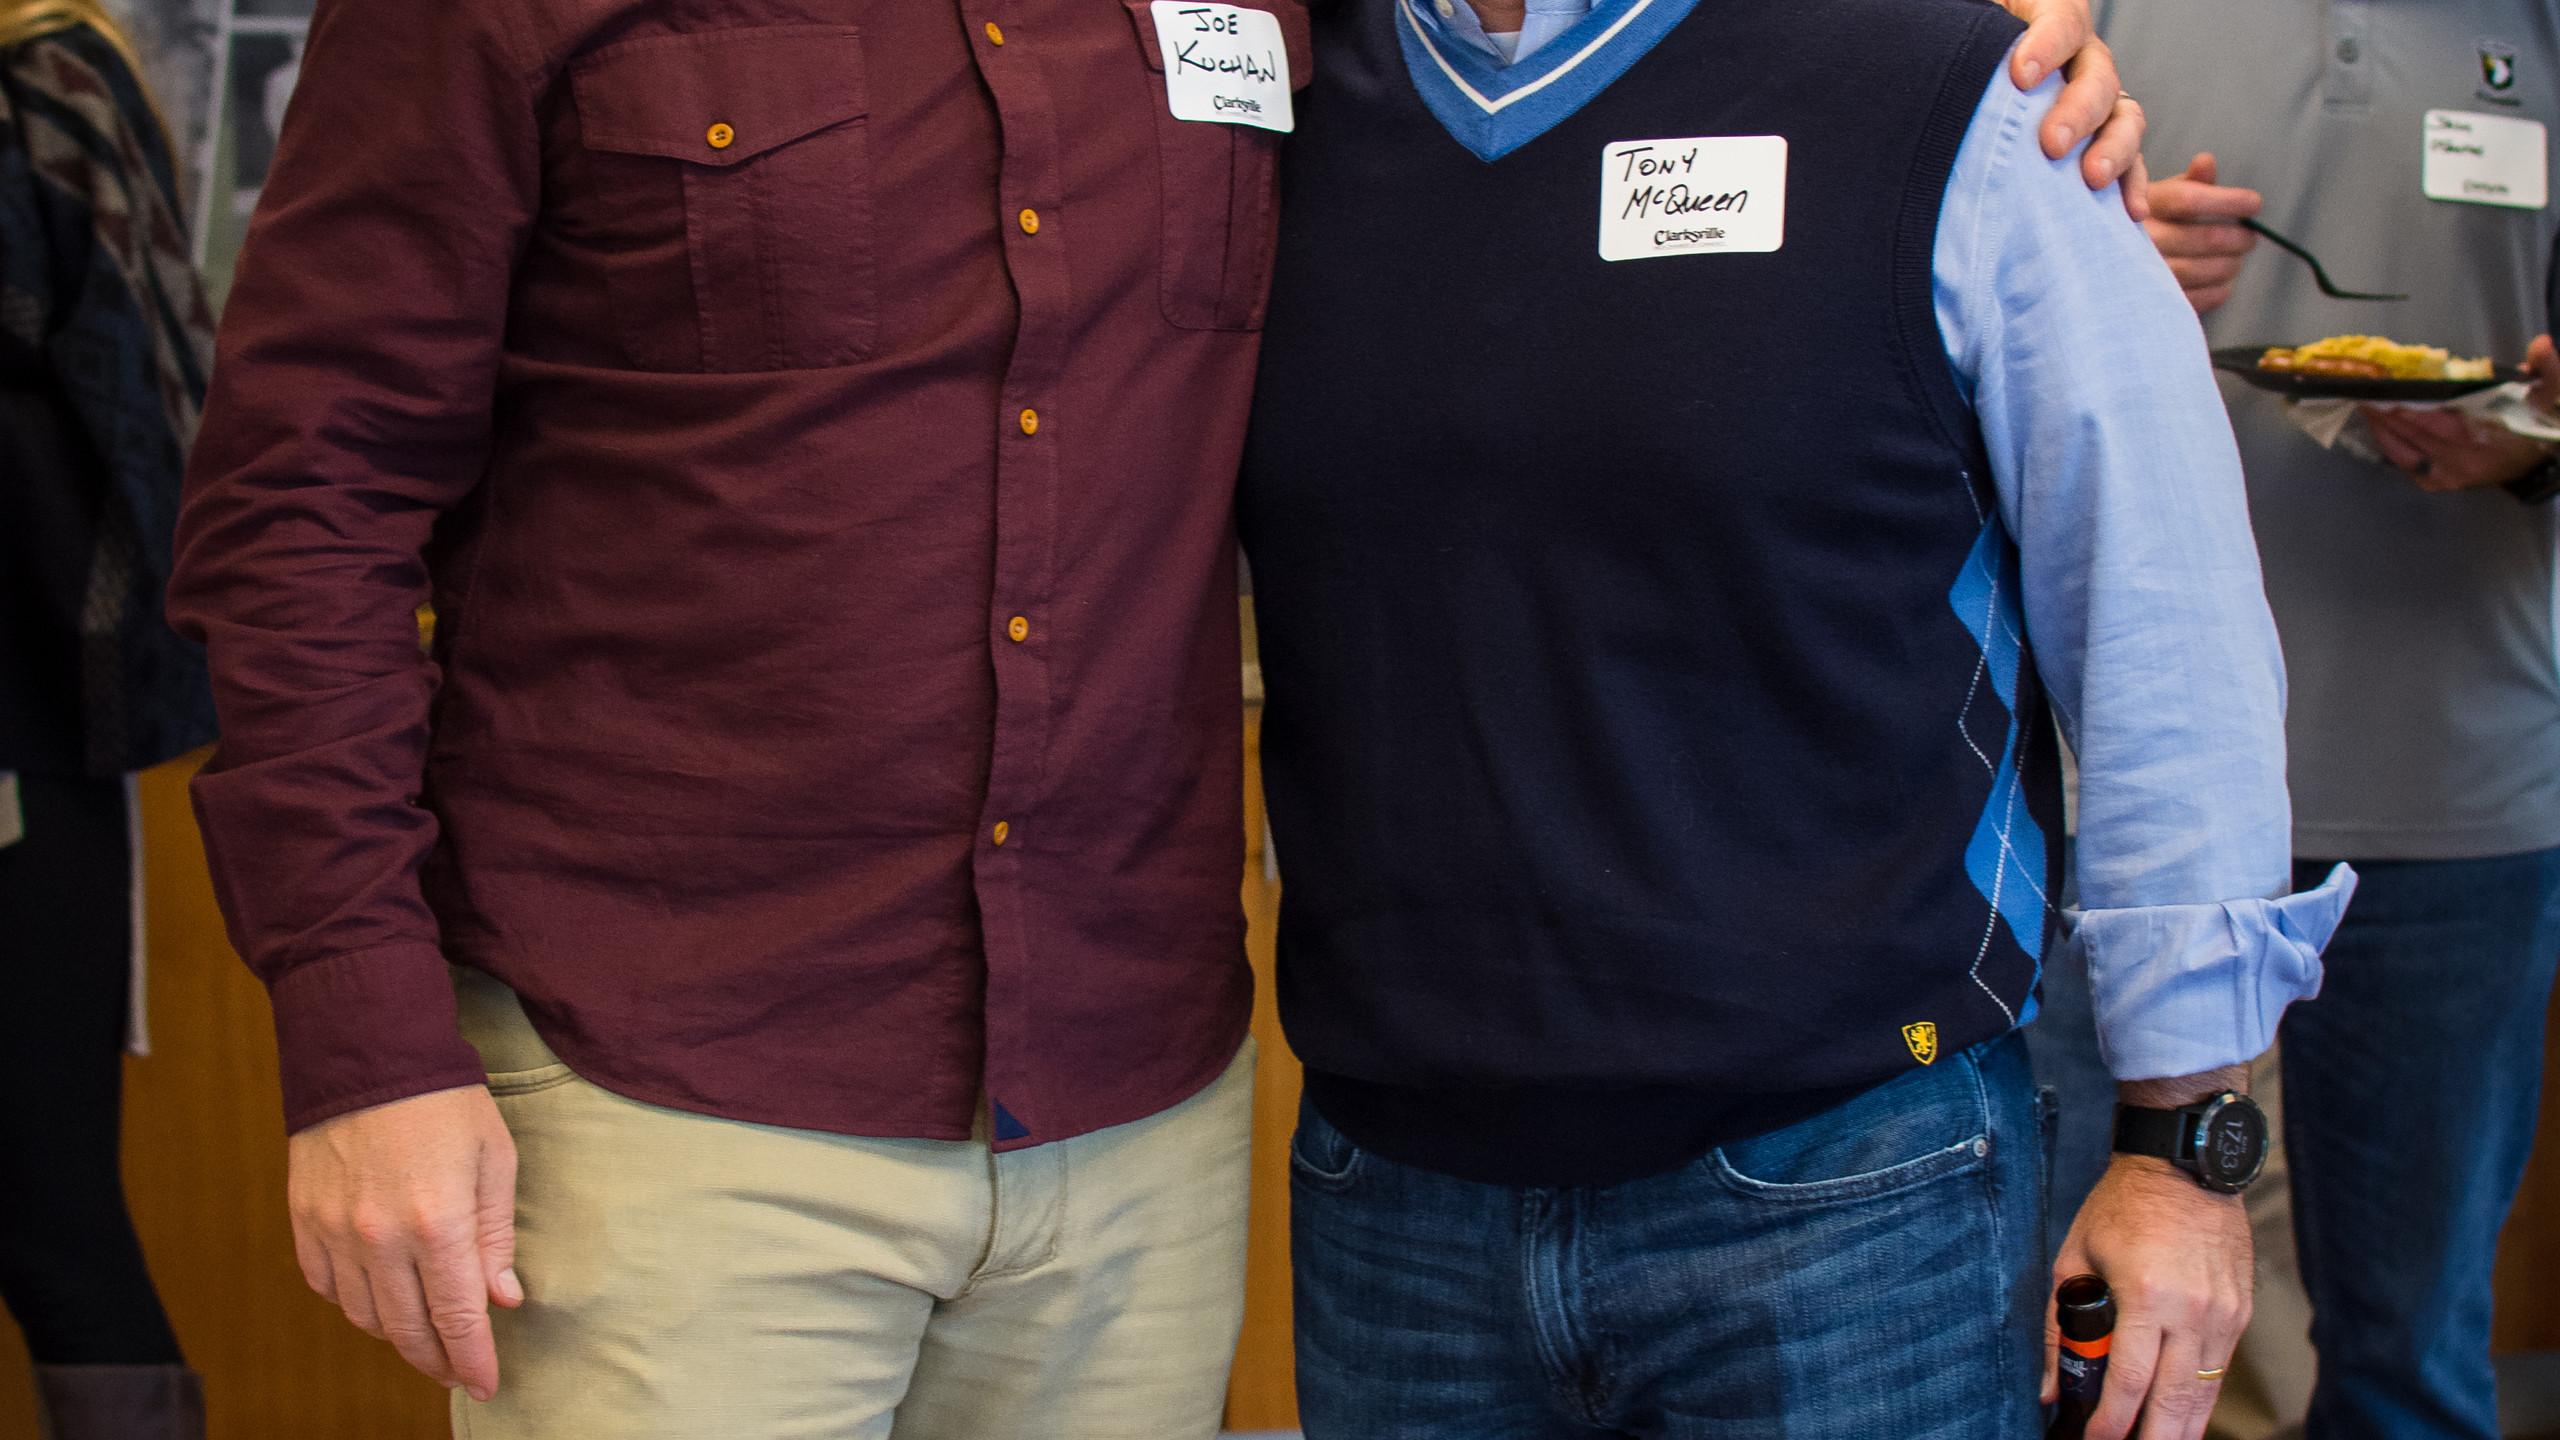 Colonel Joe Kuchan and Tony McQueen